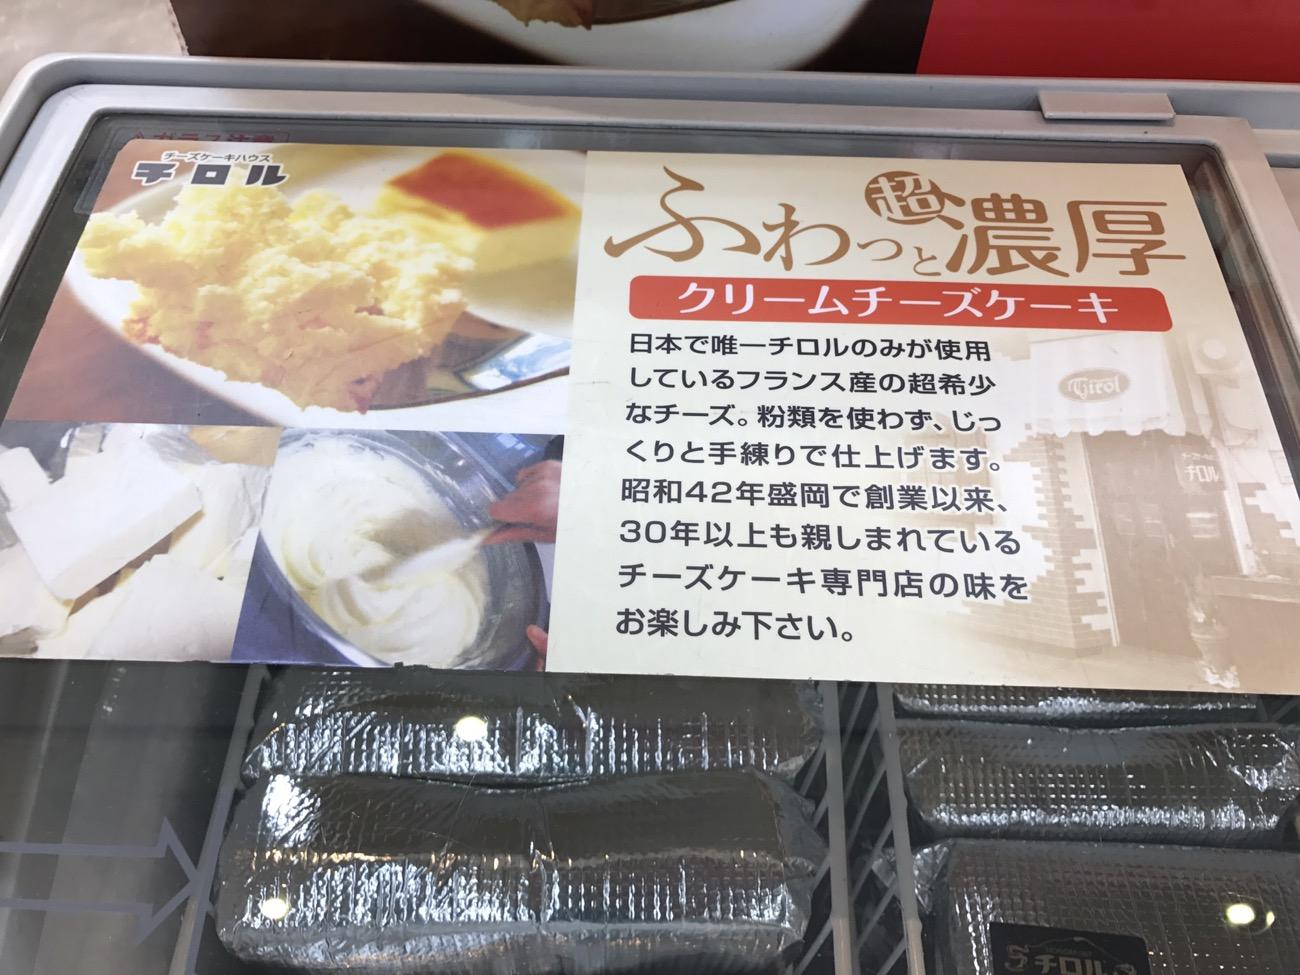 盛岡駅 チロルチーズケーキ販売